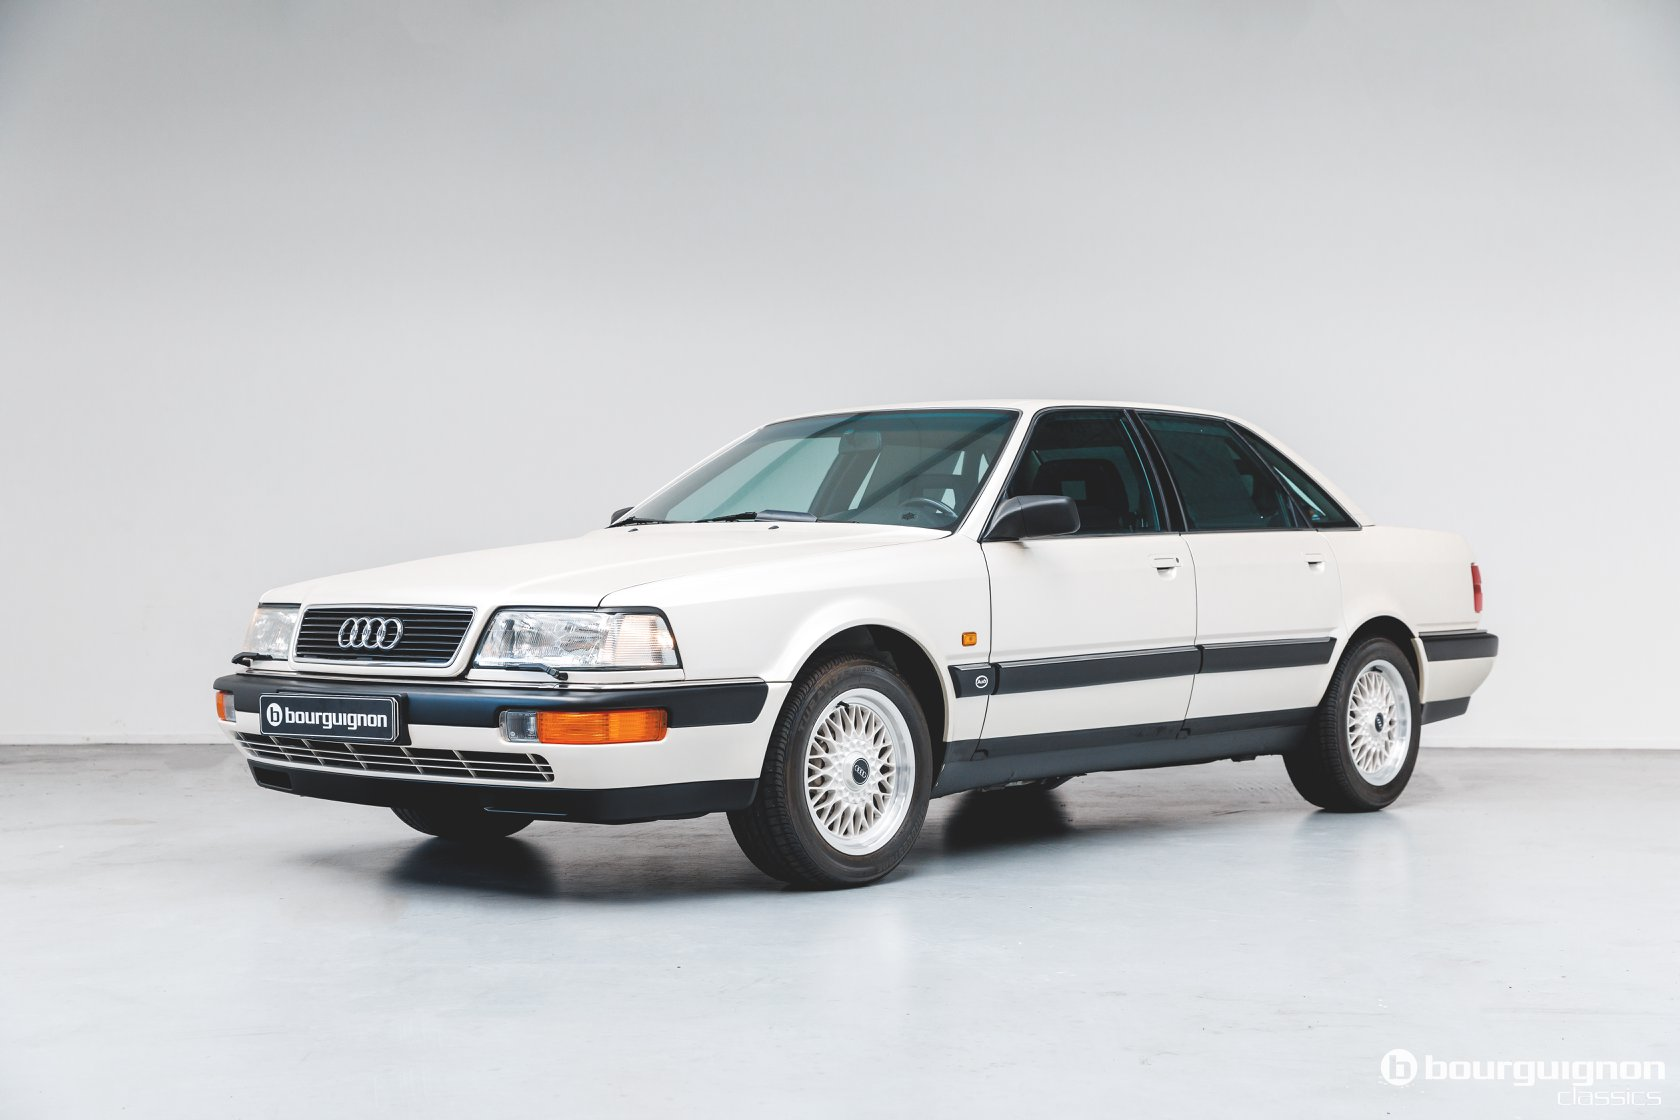 Audi-V8-1990-for-sale-36